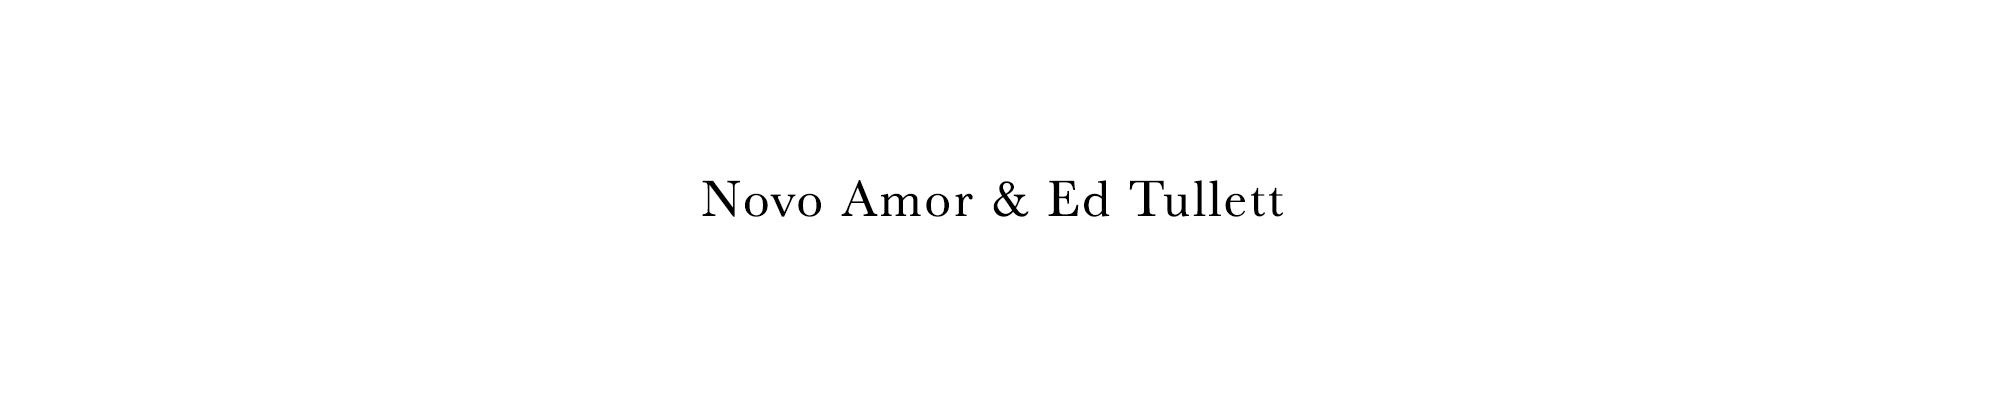 Novo Amor & Ed Tullett